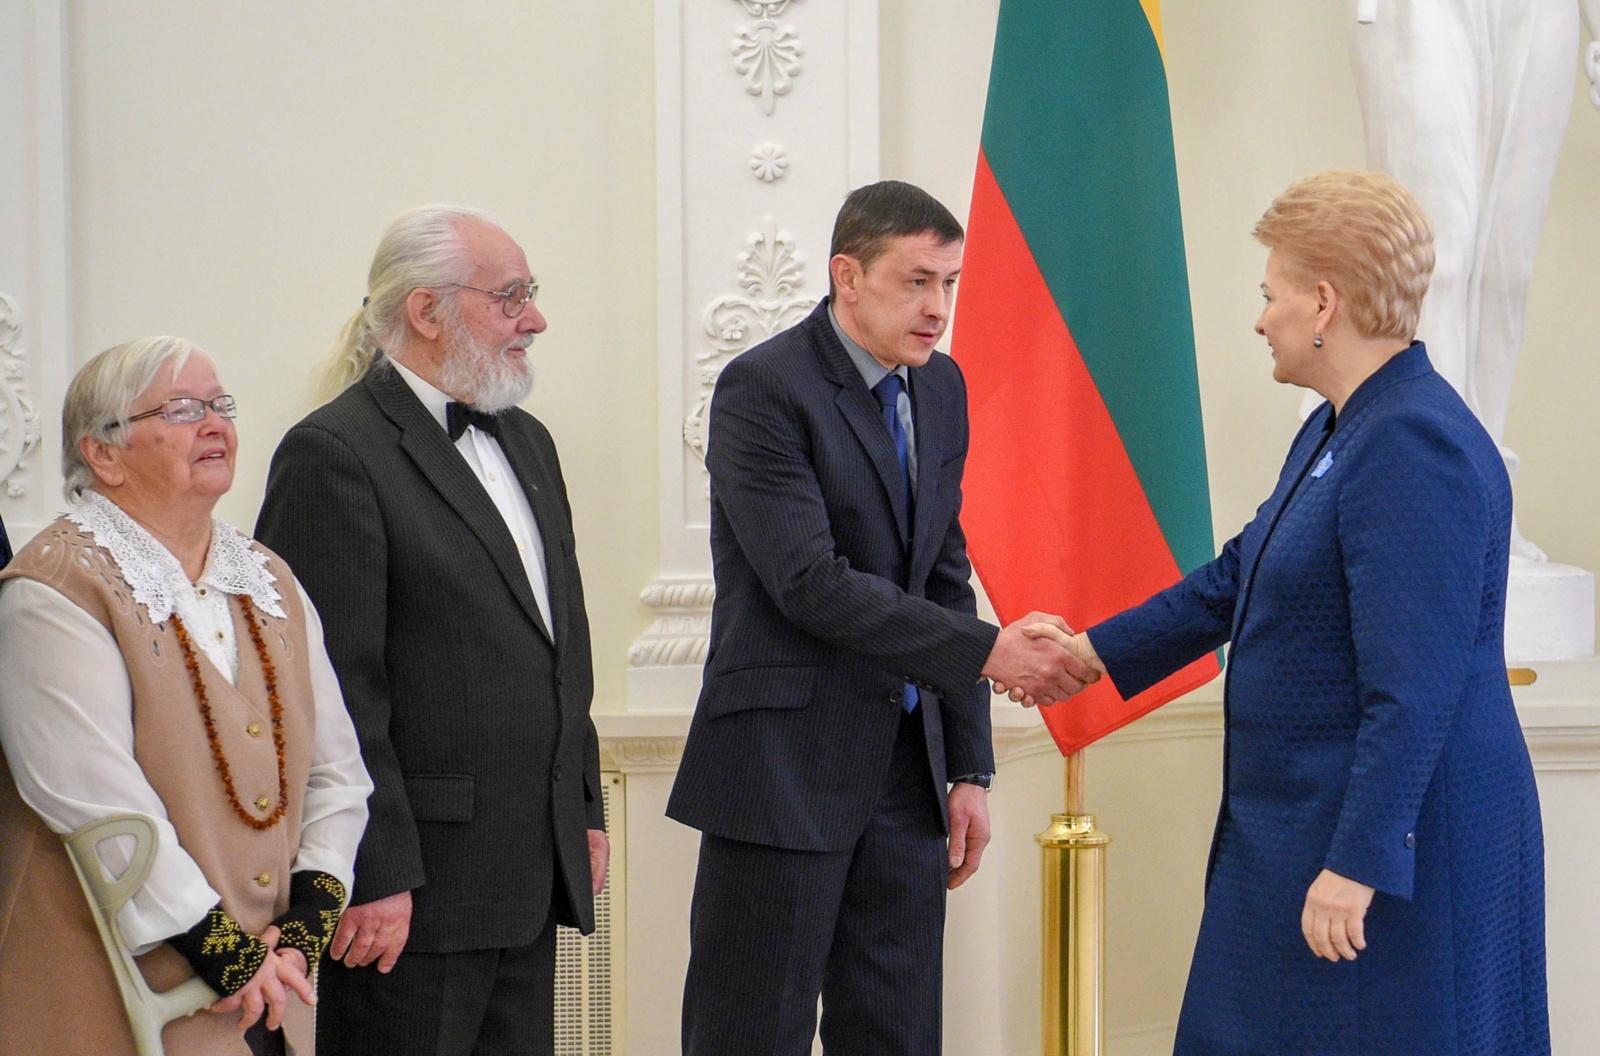 Sausio 13-osios išvakarėse prezidentė susitiko su Laisvės gynėjų artimaisiais